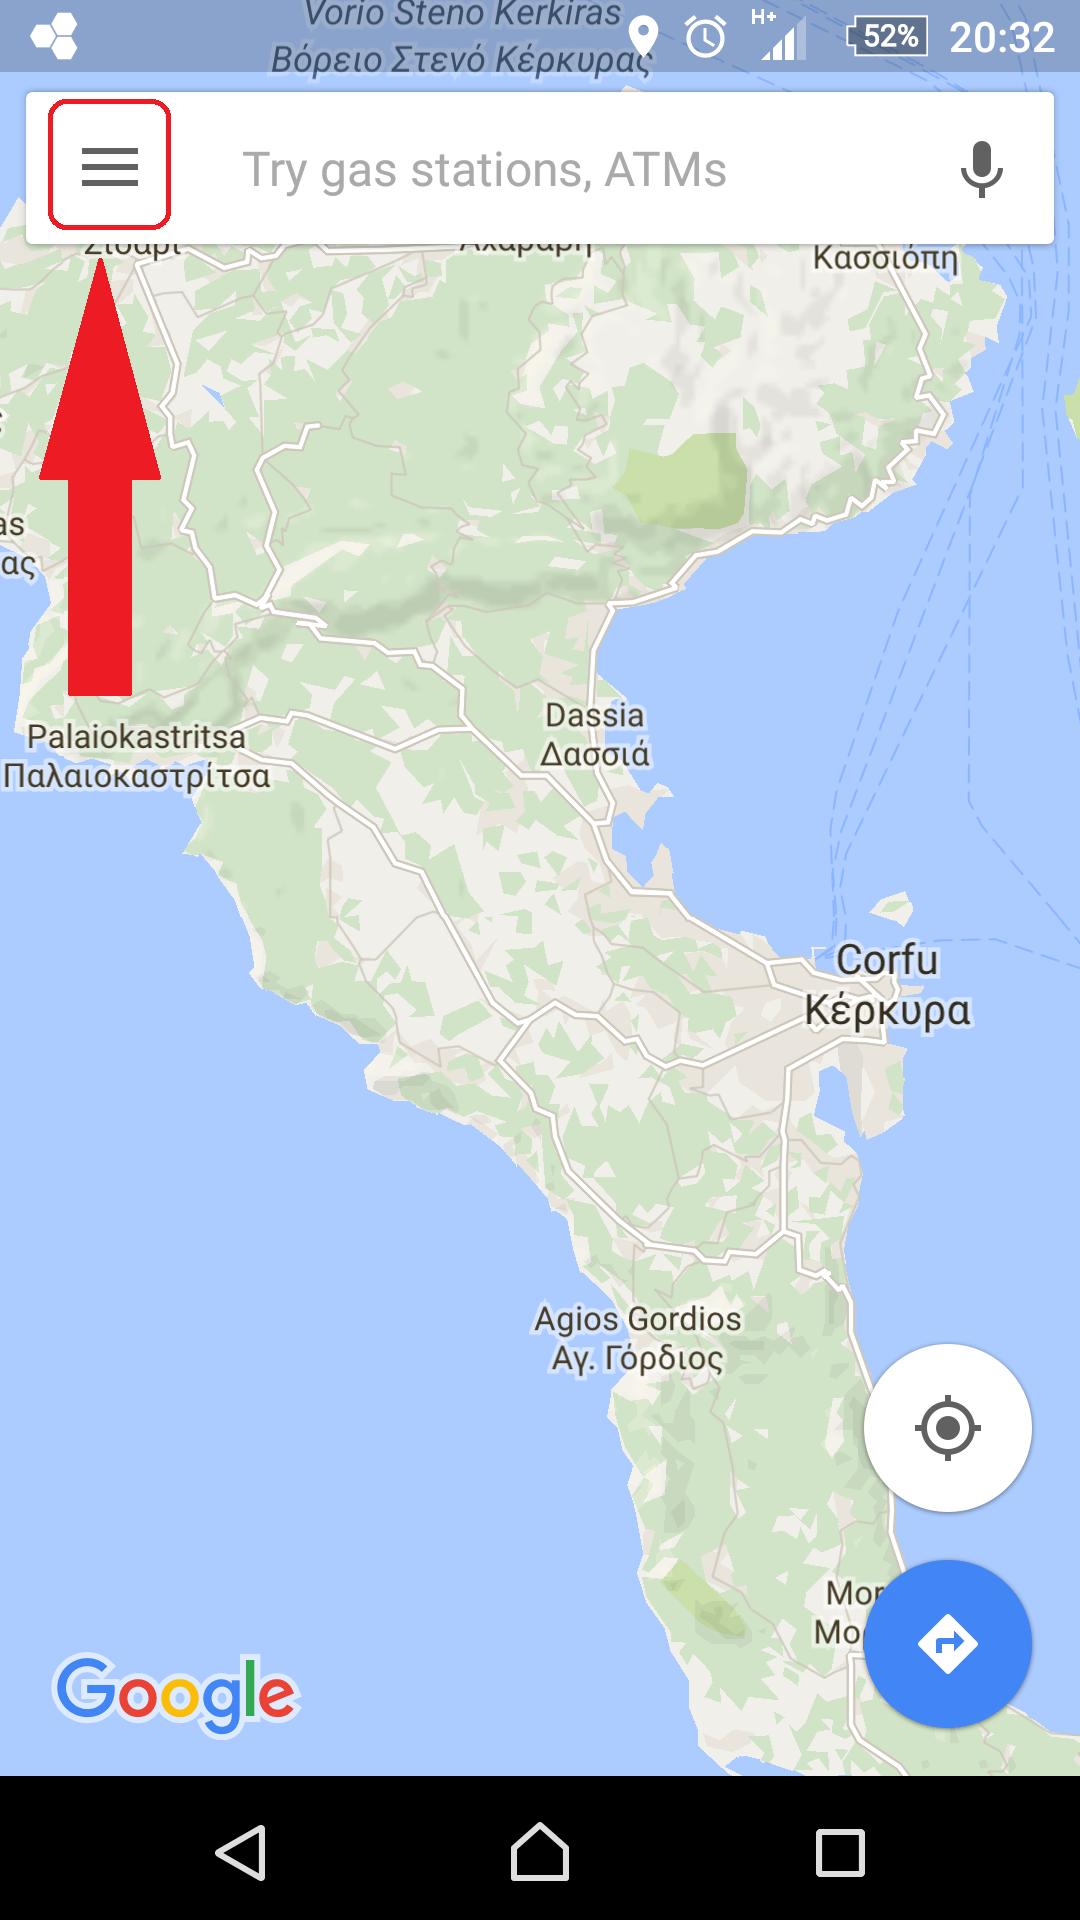 מפות של גוגל 1